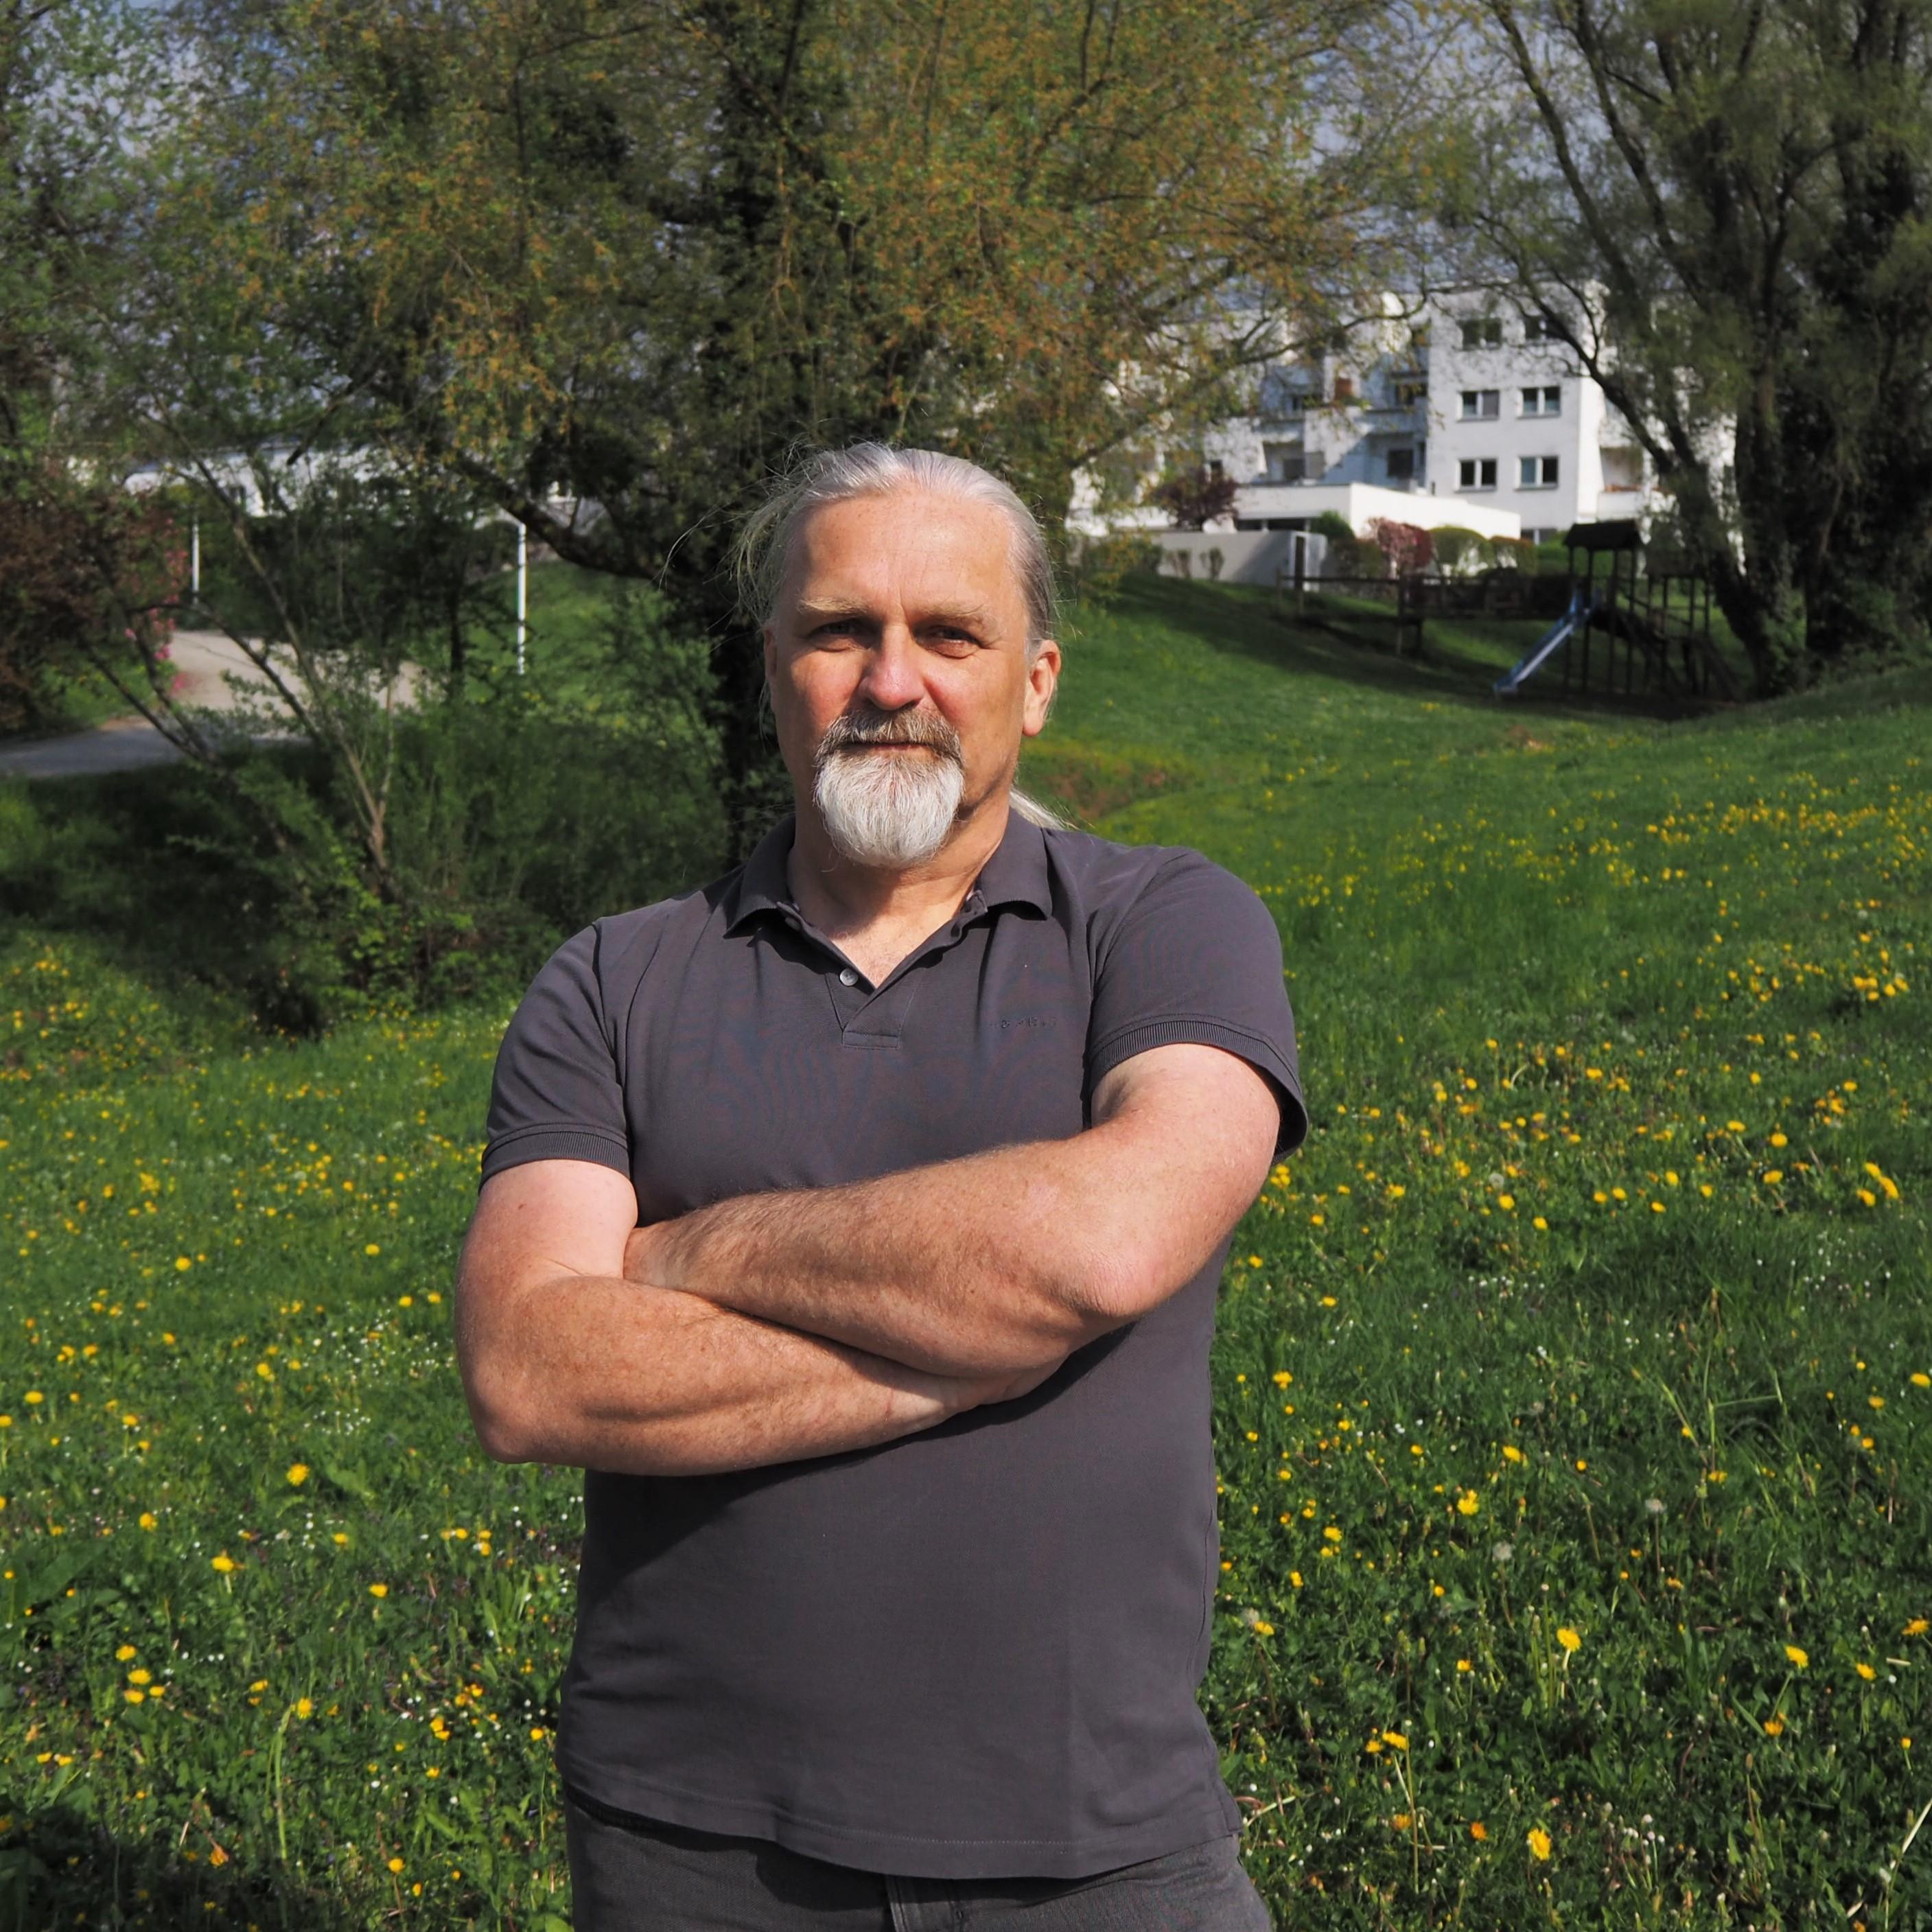 Foto: Markus Wöhrenschimmel